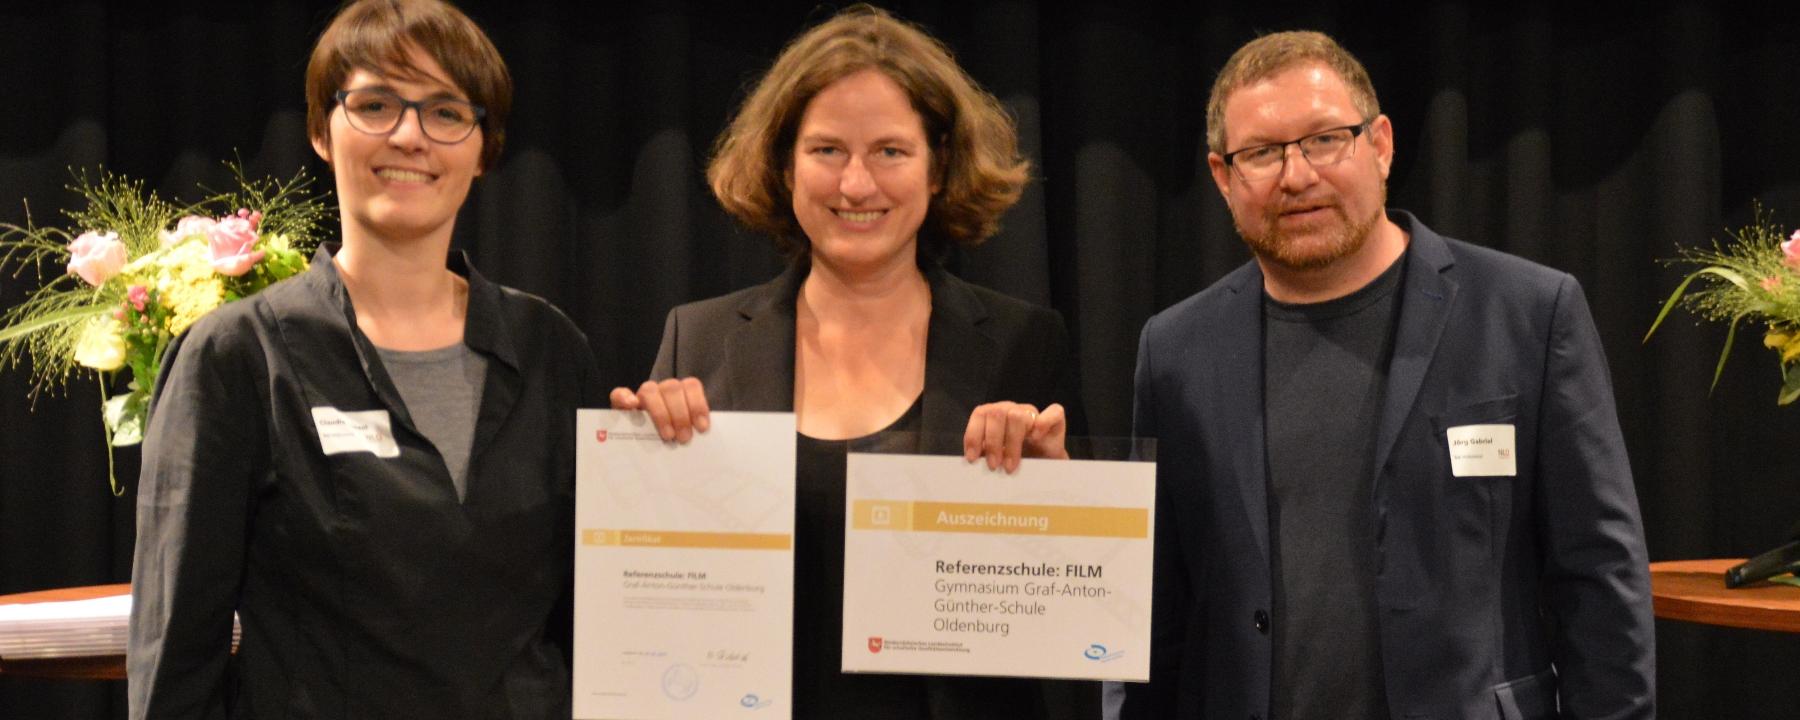 """GAG erneut als """"Referenzschule: Film"""" zertifiziert"""